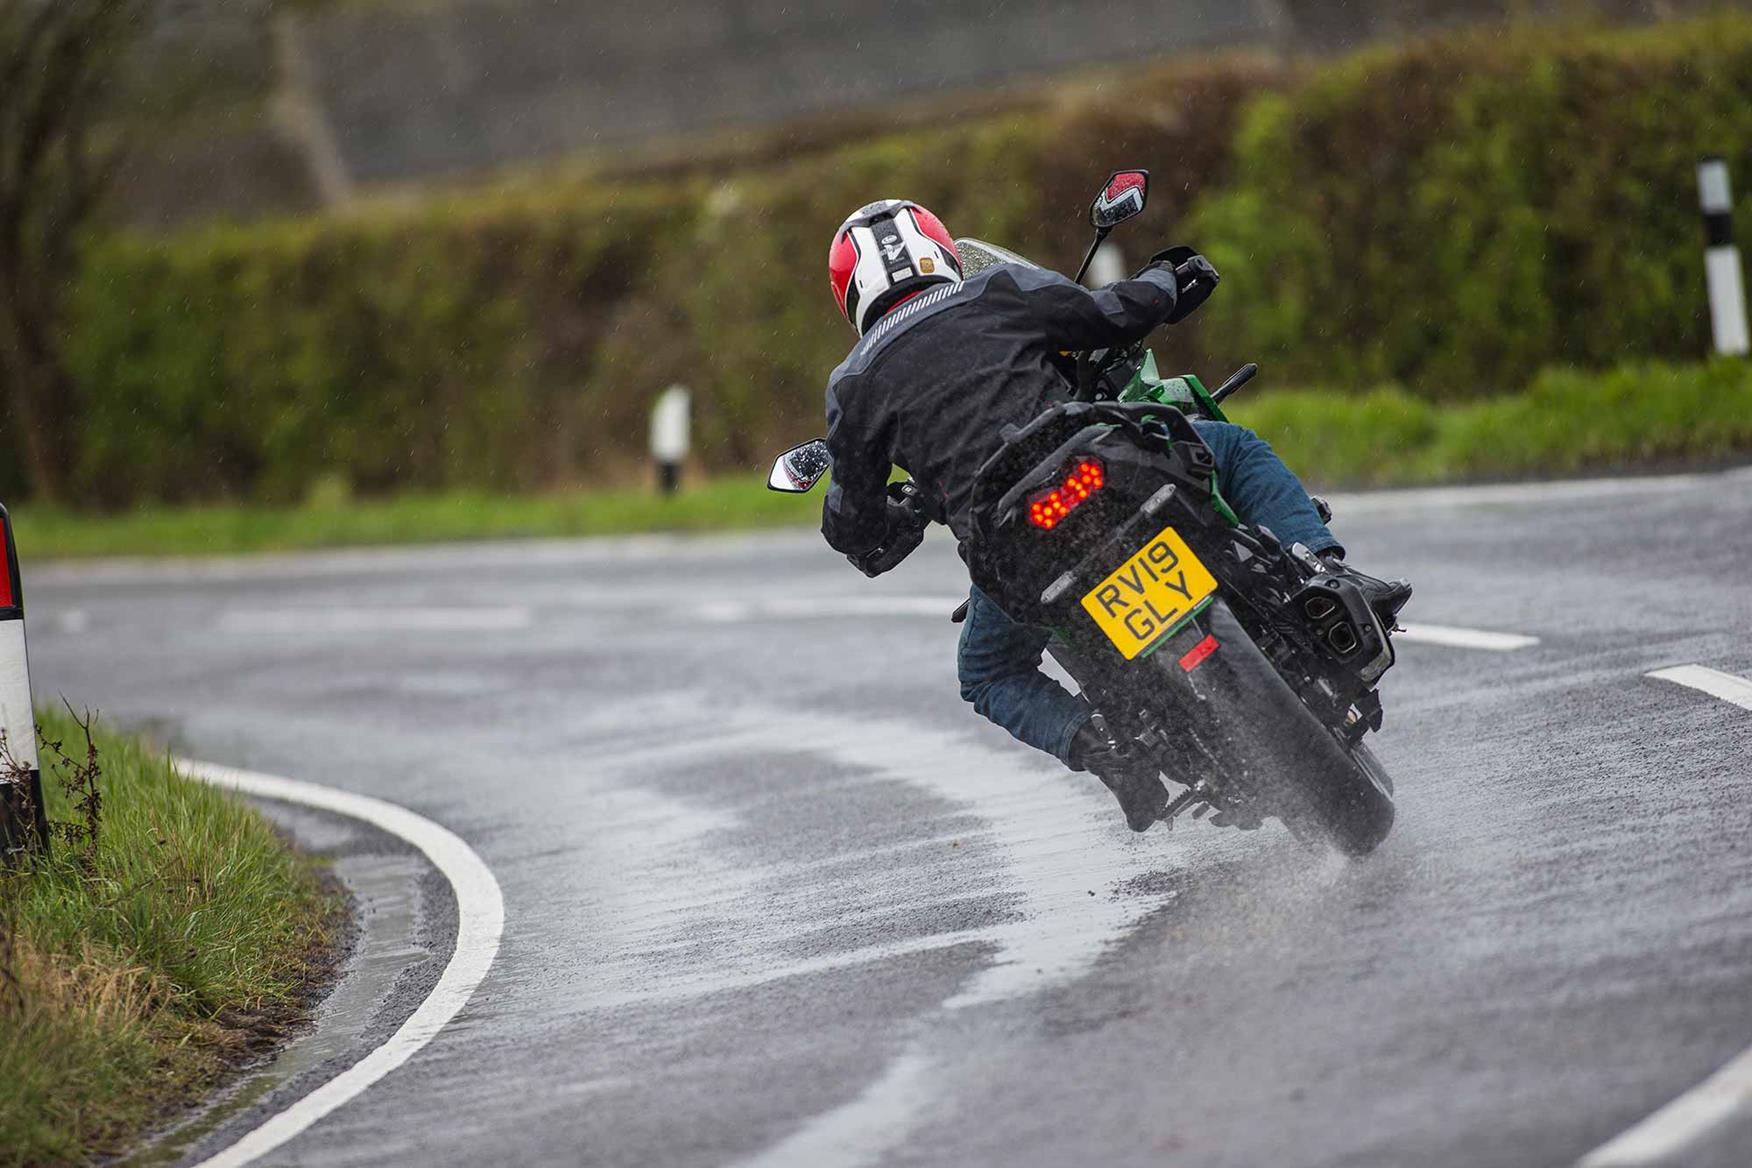 Senior Writer Dan Sutherland corners in the wet